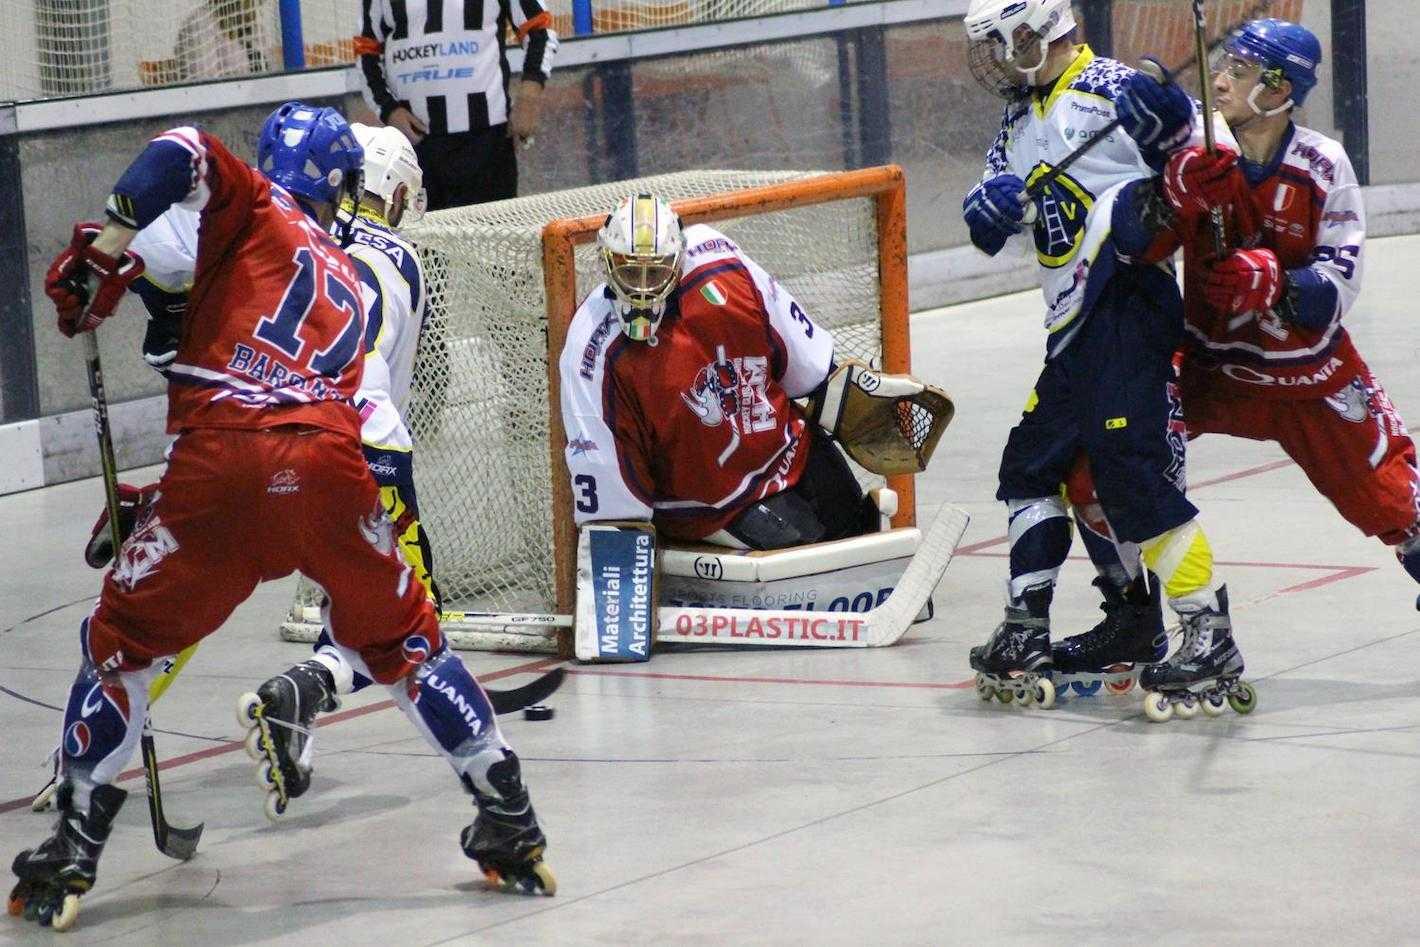 Hockey in line, Mondiali a Roccaraso con la Regione che stanzia 400 mila euro